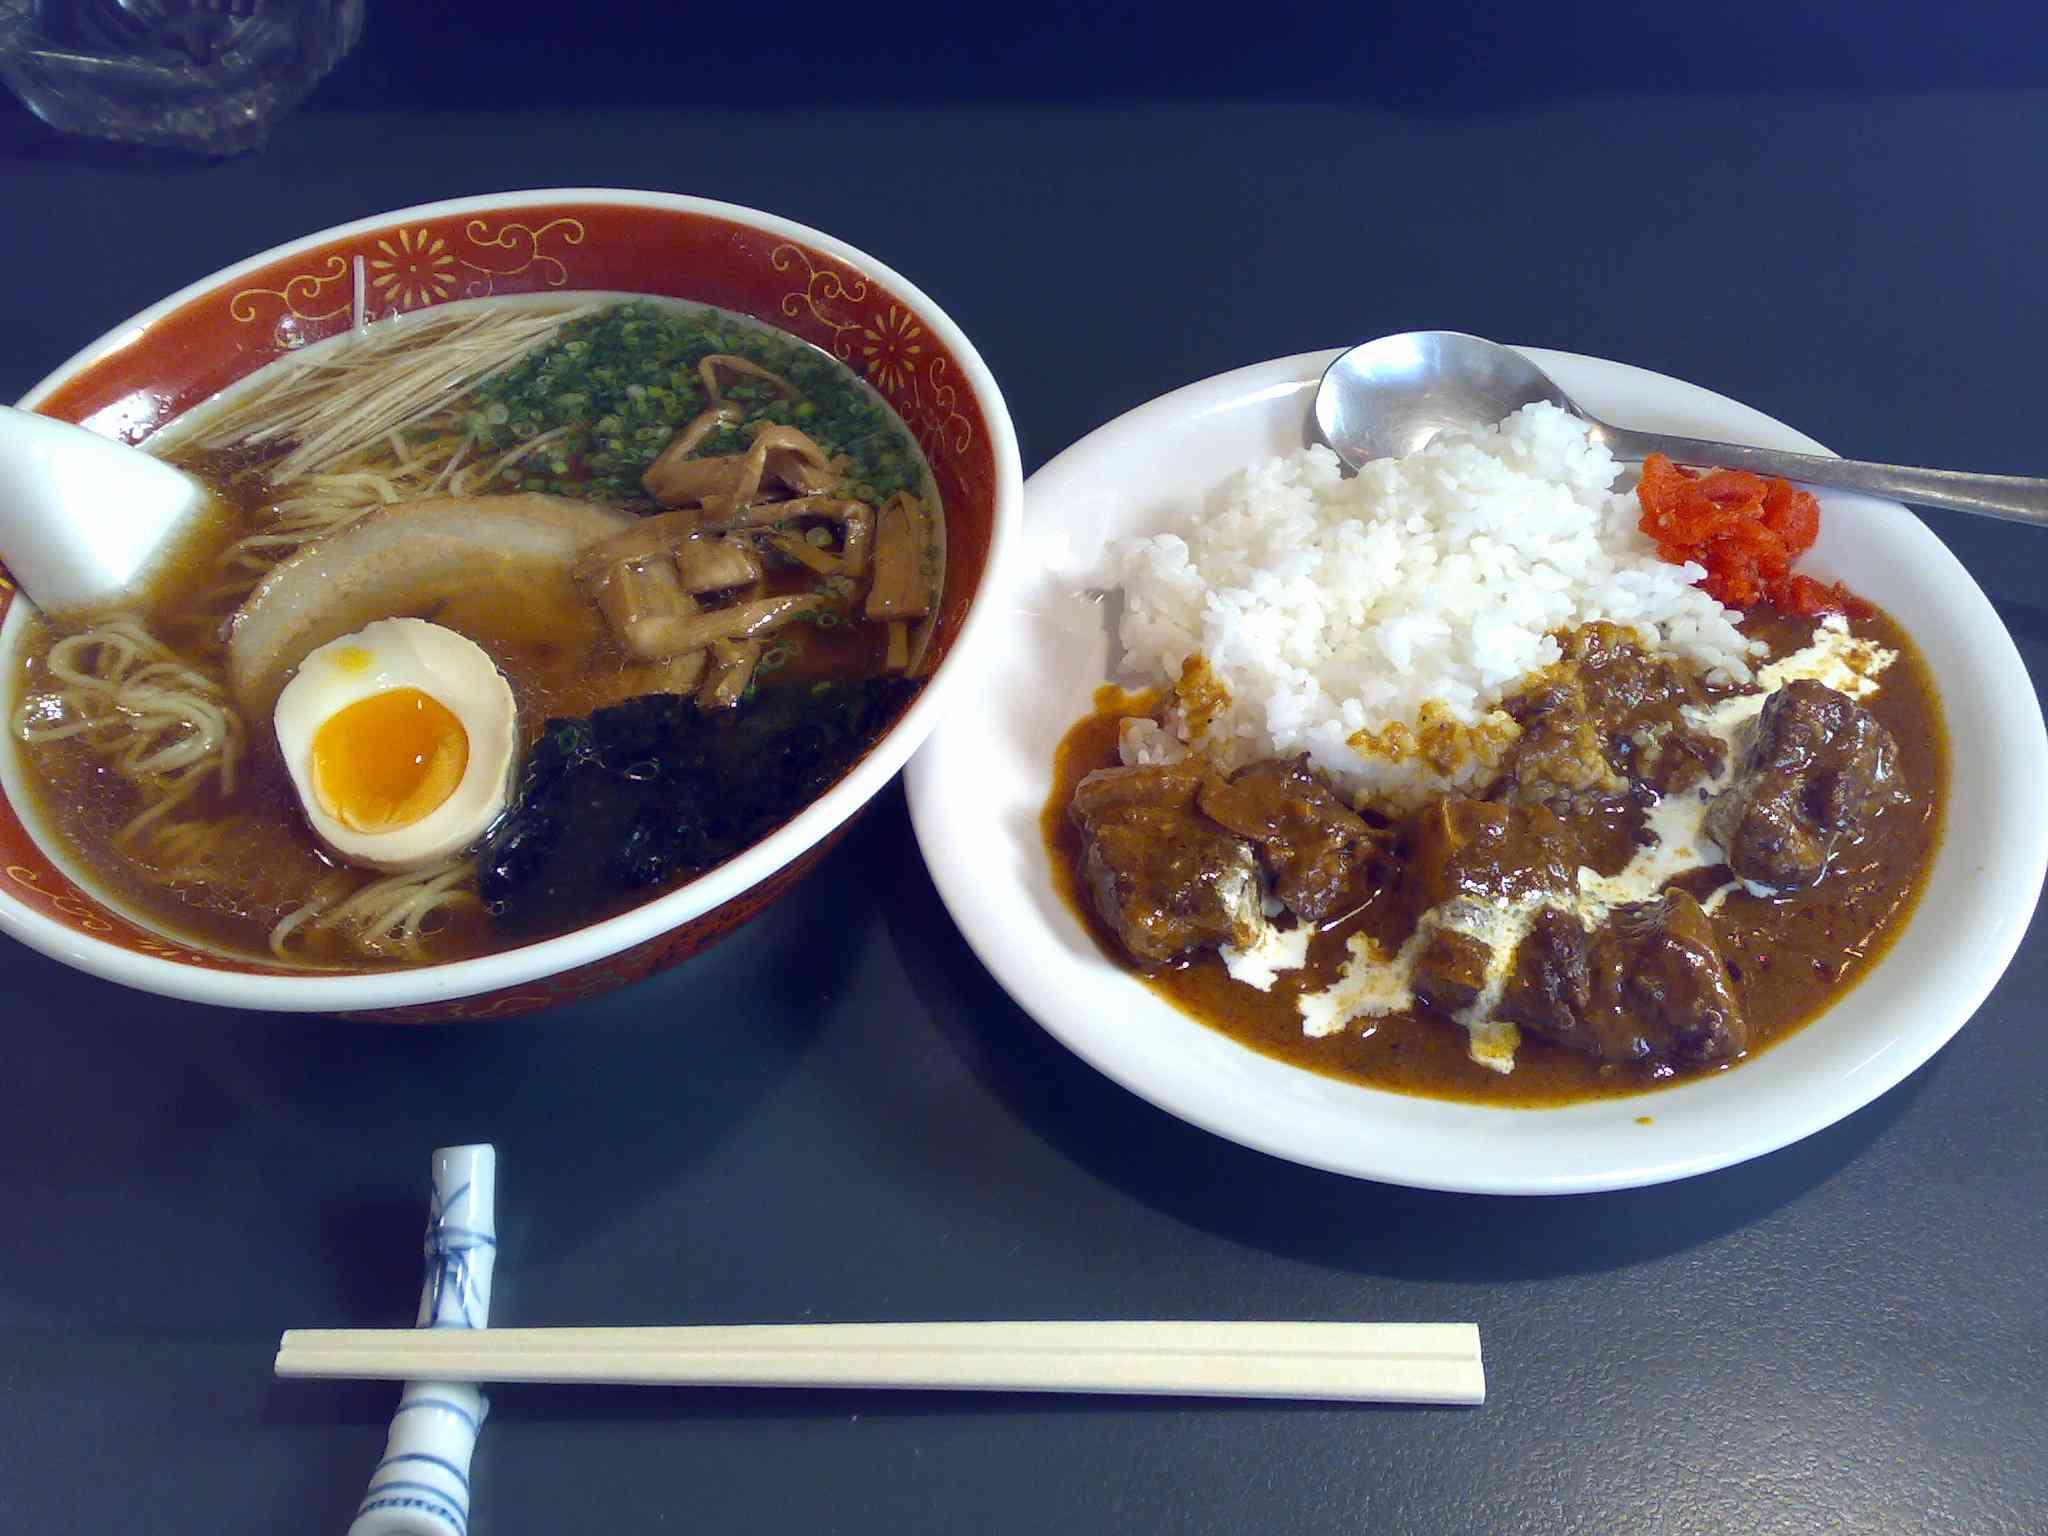 """最も好きな外国料理は""""日本料理""""!! 7カ国調査で6カ国が日本料理を1位に!"""